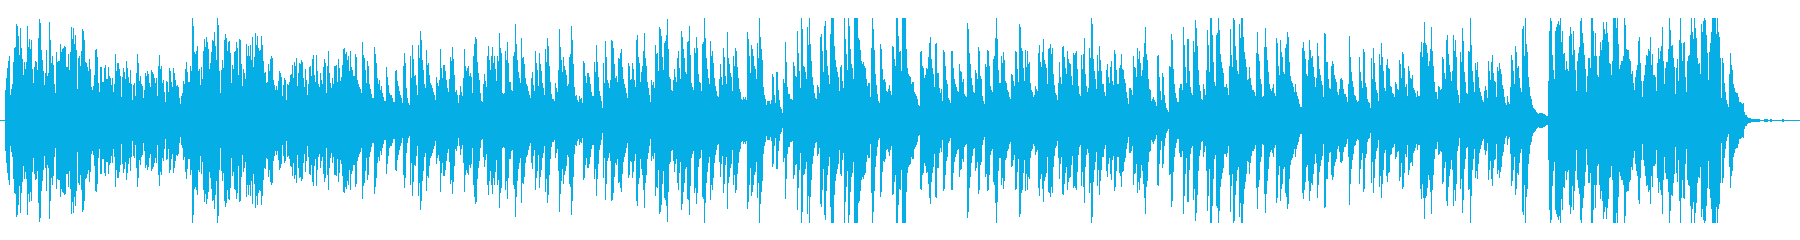 ショパン ピアノ曲 ワルツ第11番・高音の再生済みの波形